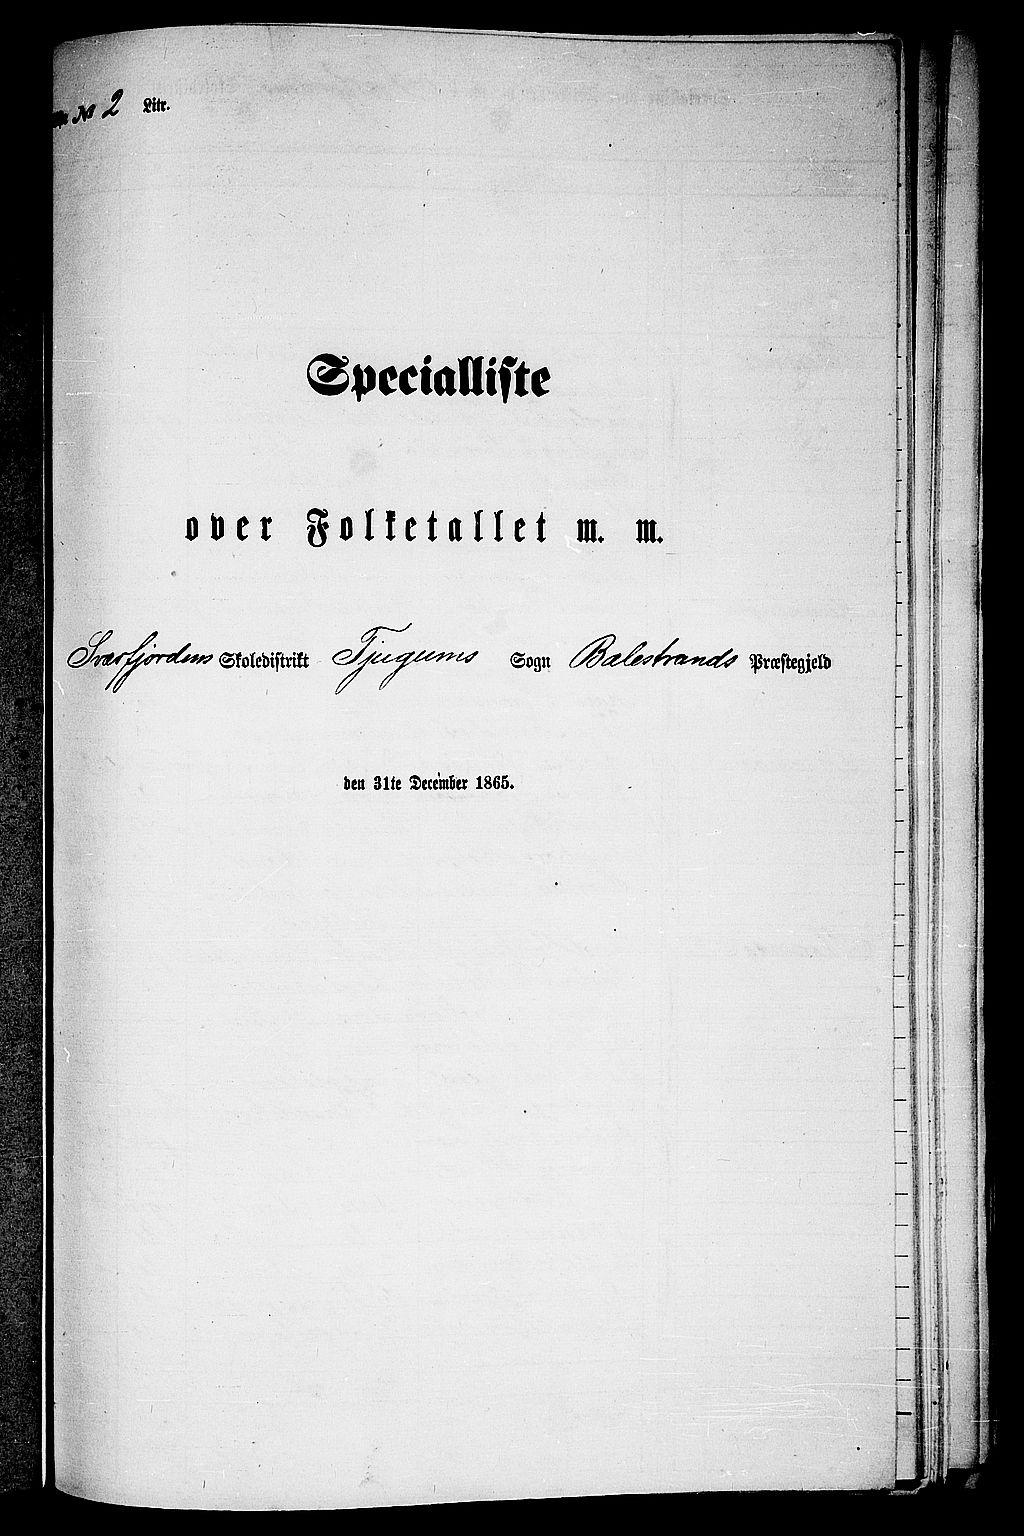 RA, Folketelling 1865 for 1418P Balestrand prestegjeld, 1865, s. 28